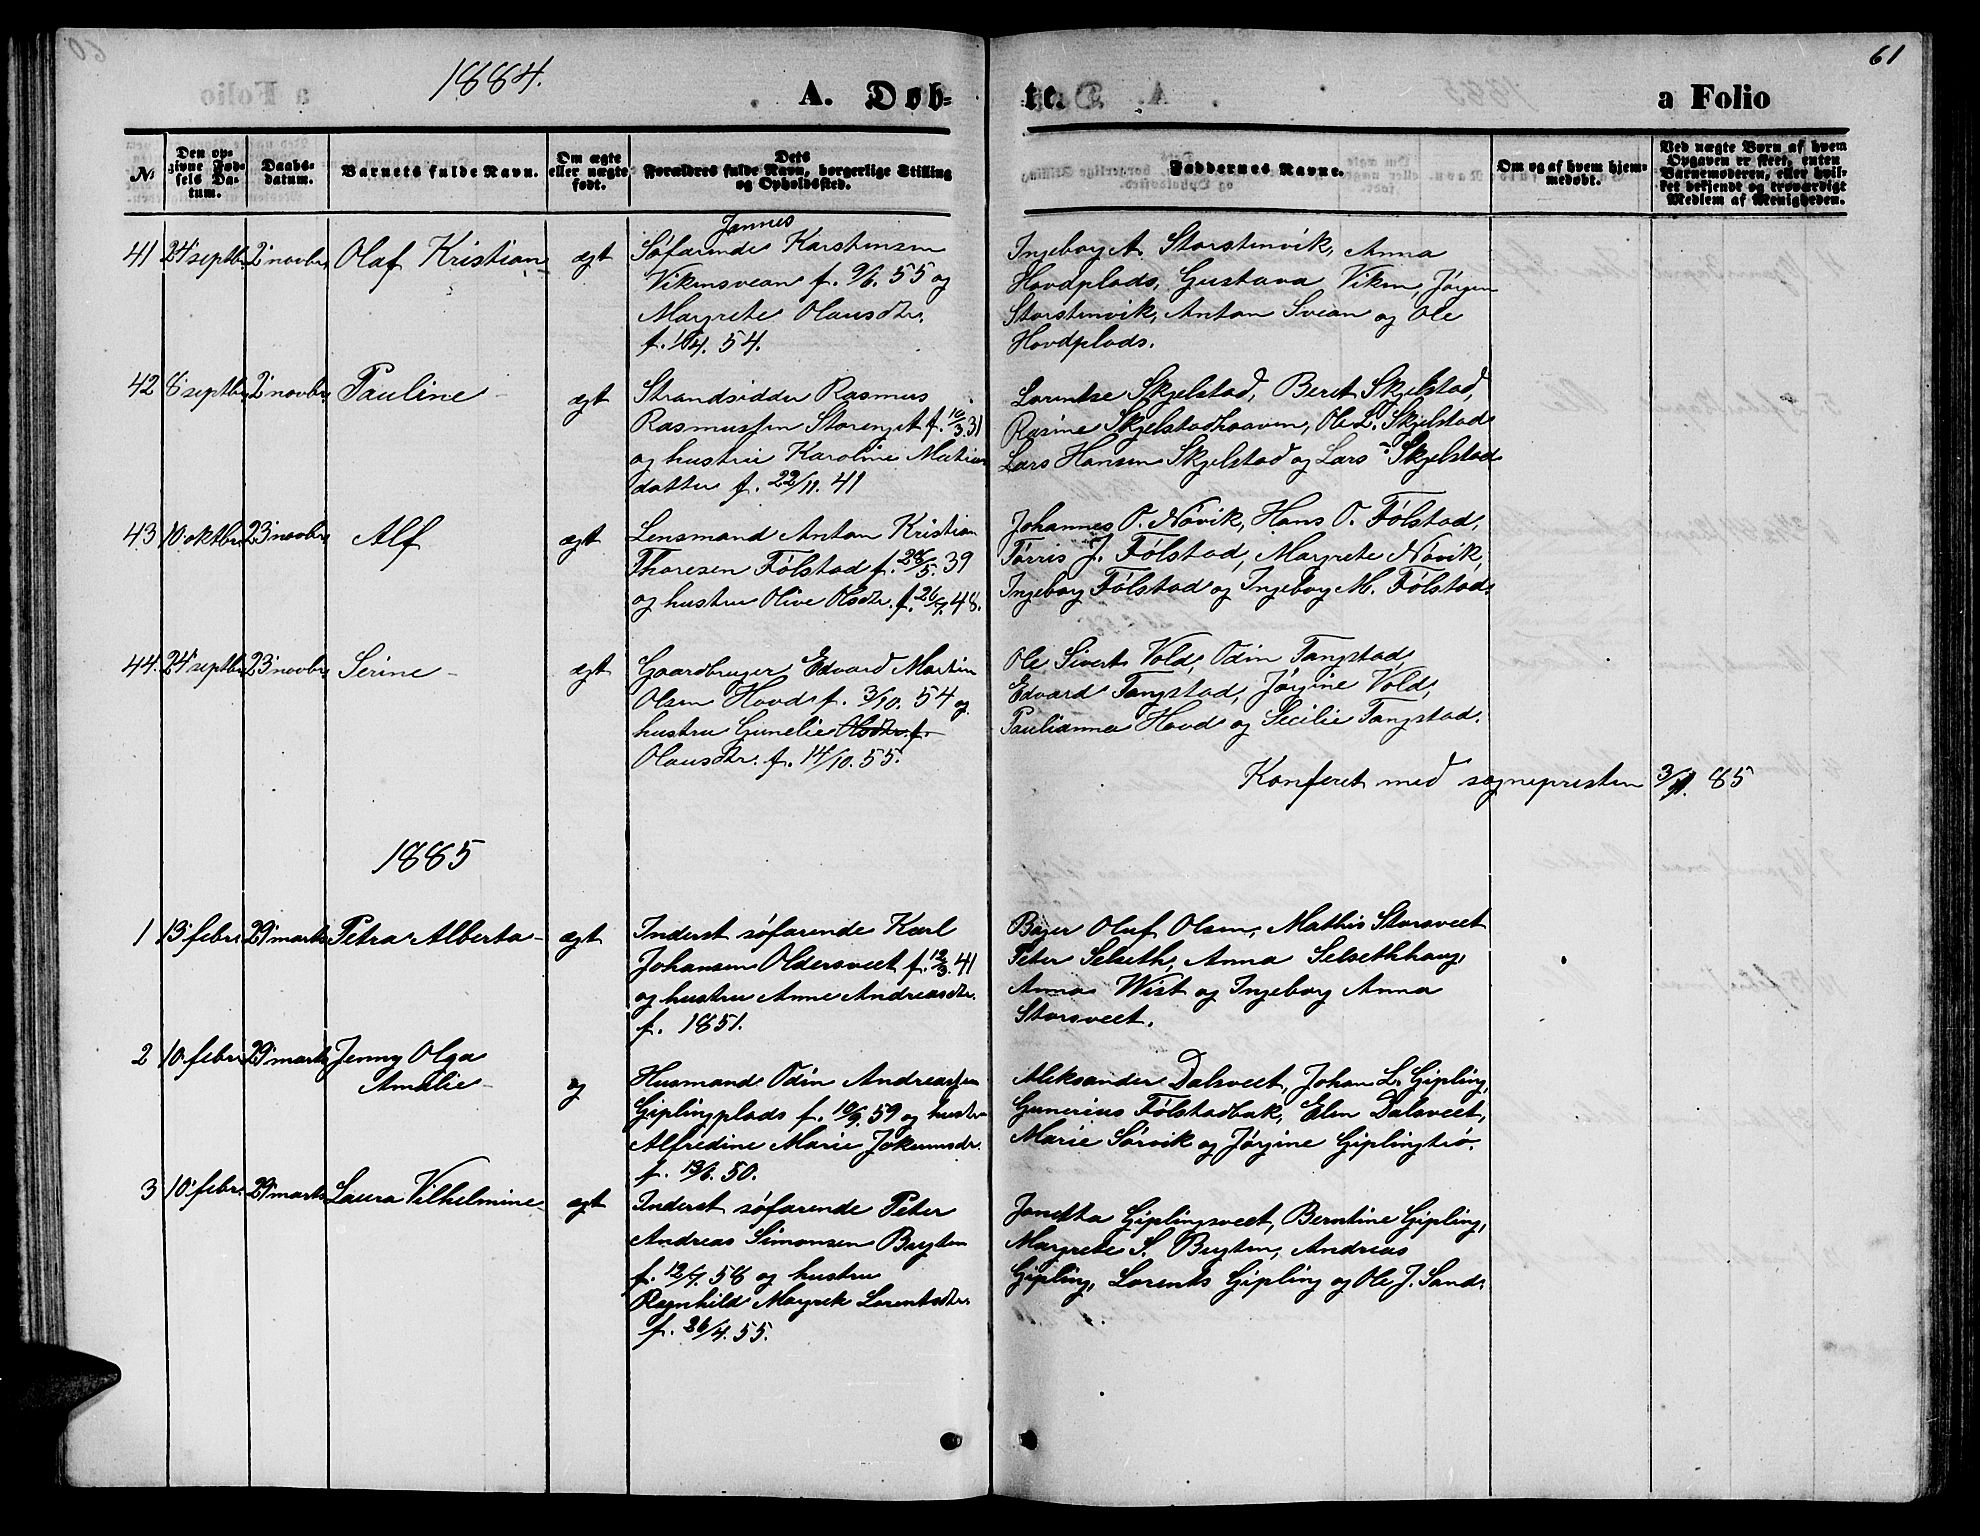 SAT, Ministerialprotokoller, klokkerbøker og fødselsregistre - Nord-Trøndelag, 744/L0422: Klokkerbok nr. 744C01, 1871-1885, s. 61